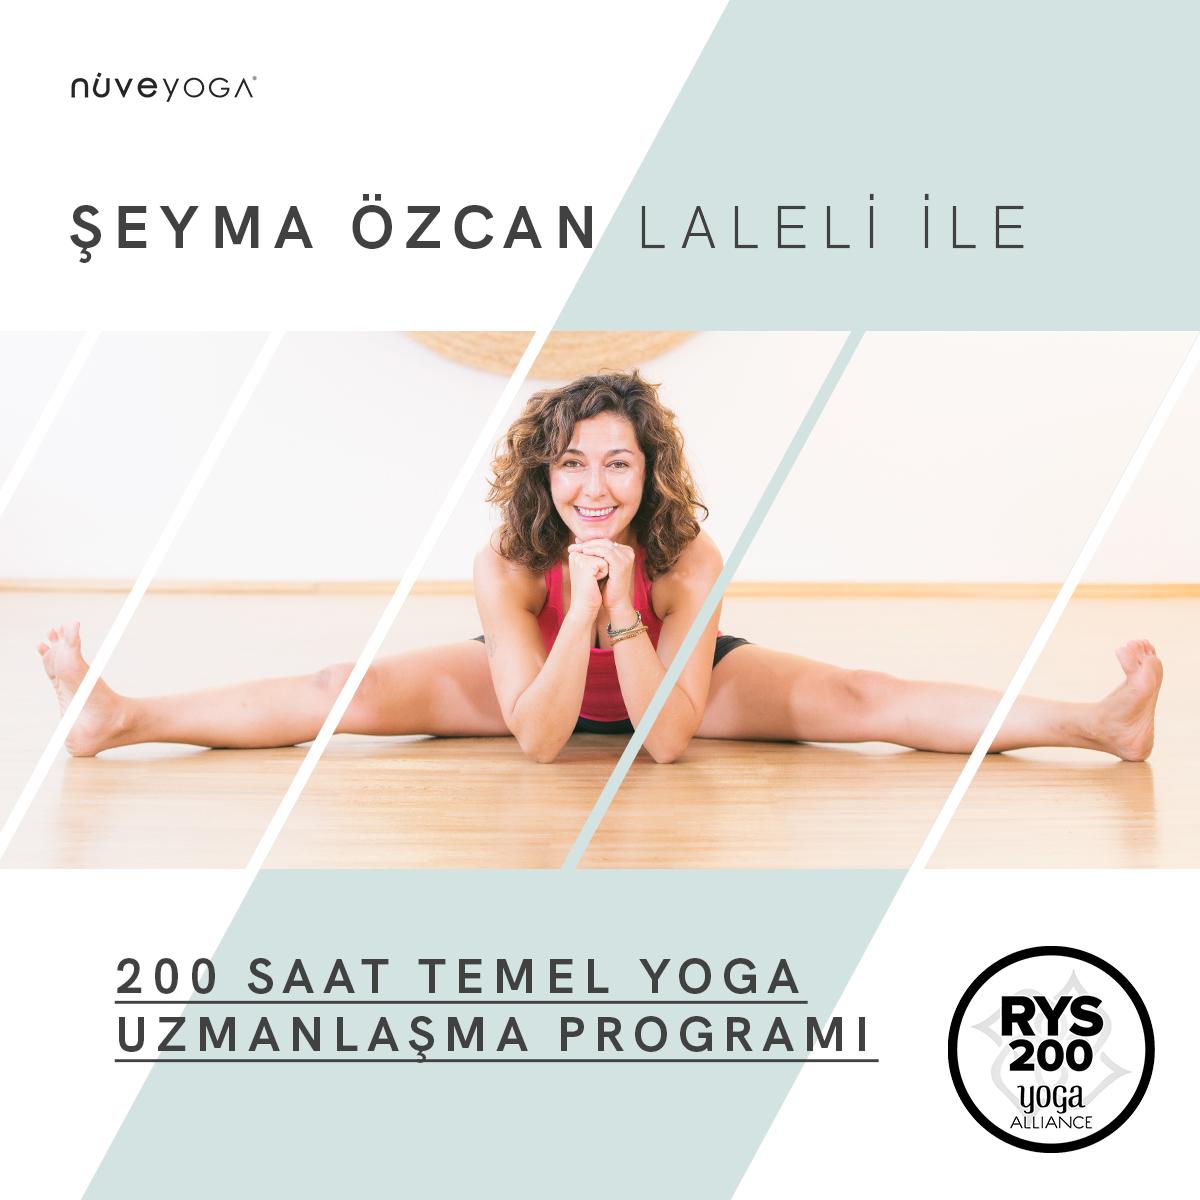 200 Saat Temel Yoga Uzmanlaşma Programı (EKSTRA ÜCRETLİ)